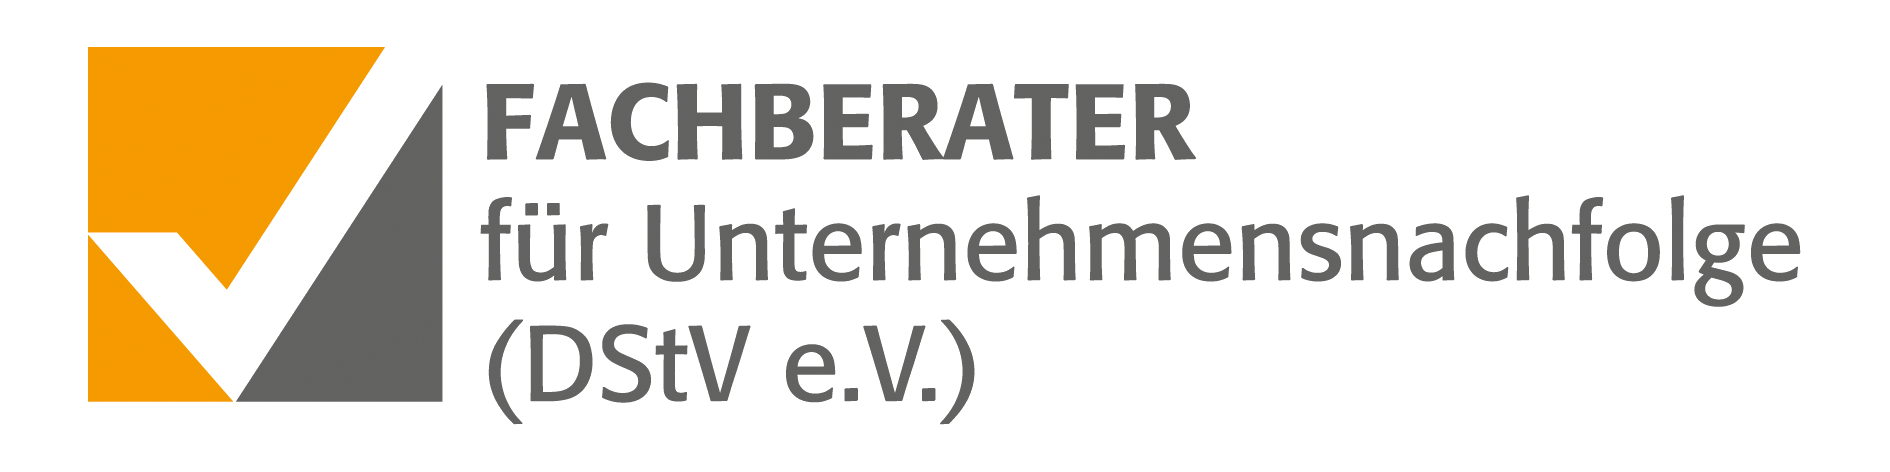 CHRISTIAN-STEINHART FACHBERATER UNTERNEHMENSNACHFOLGE